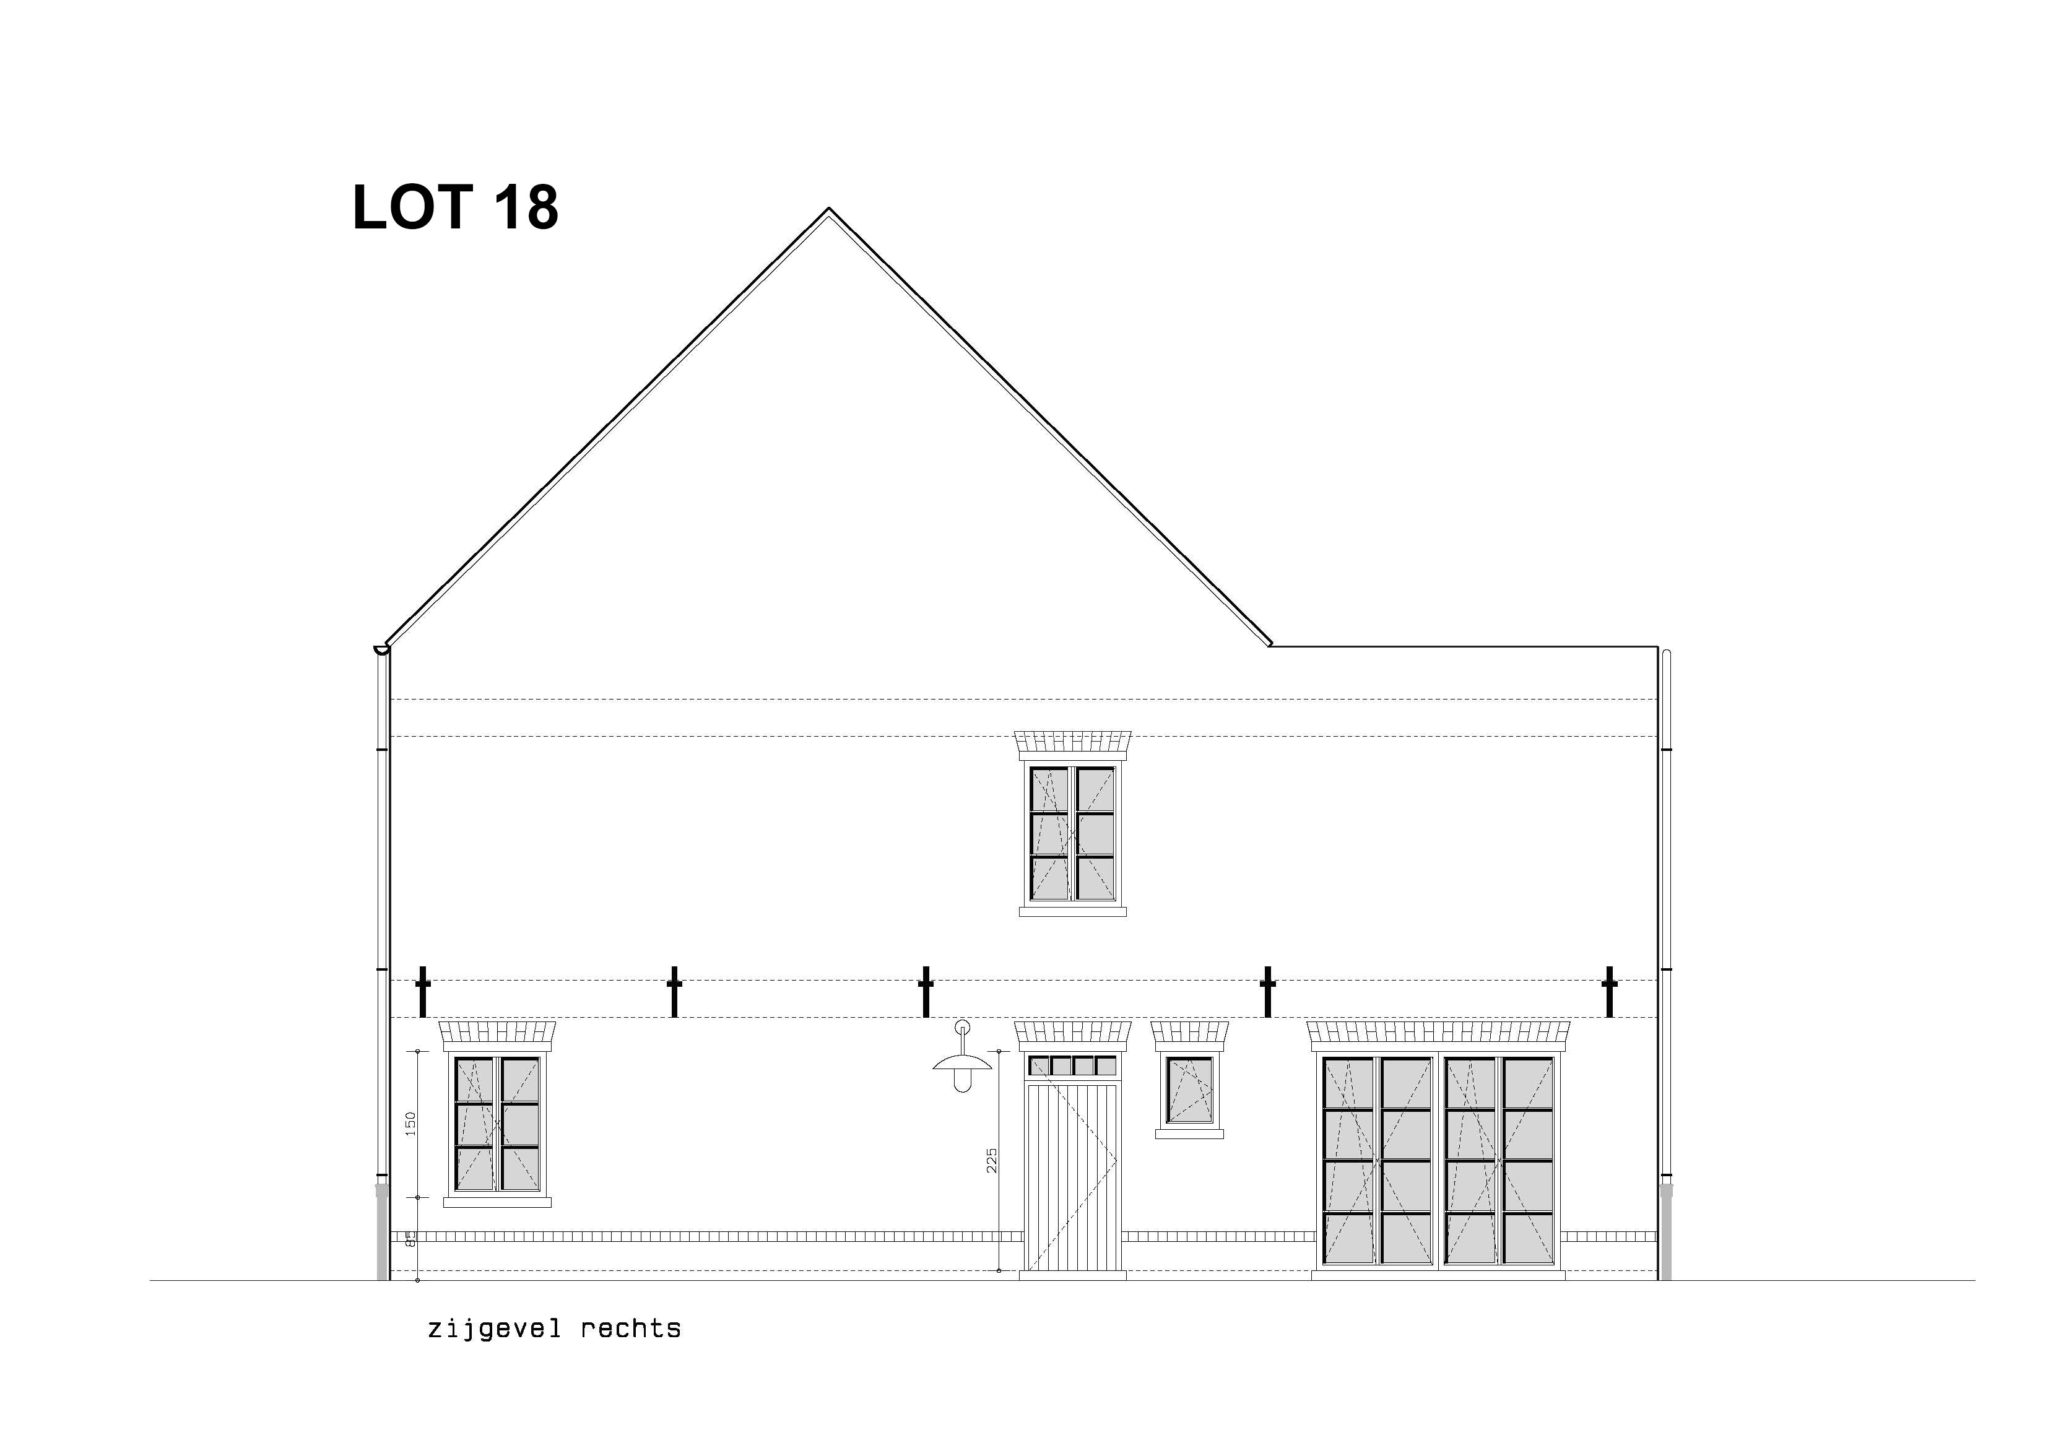 zijgevel-rechts-lot-18